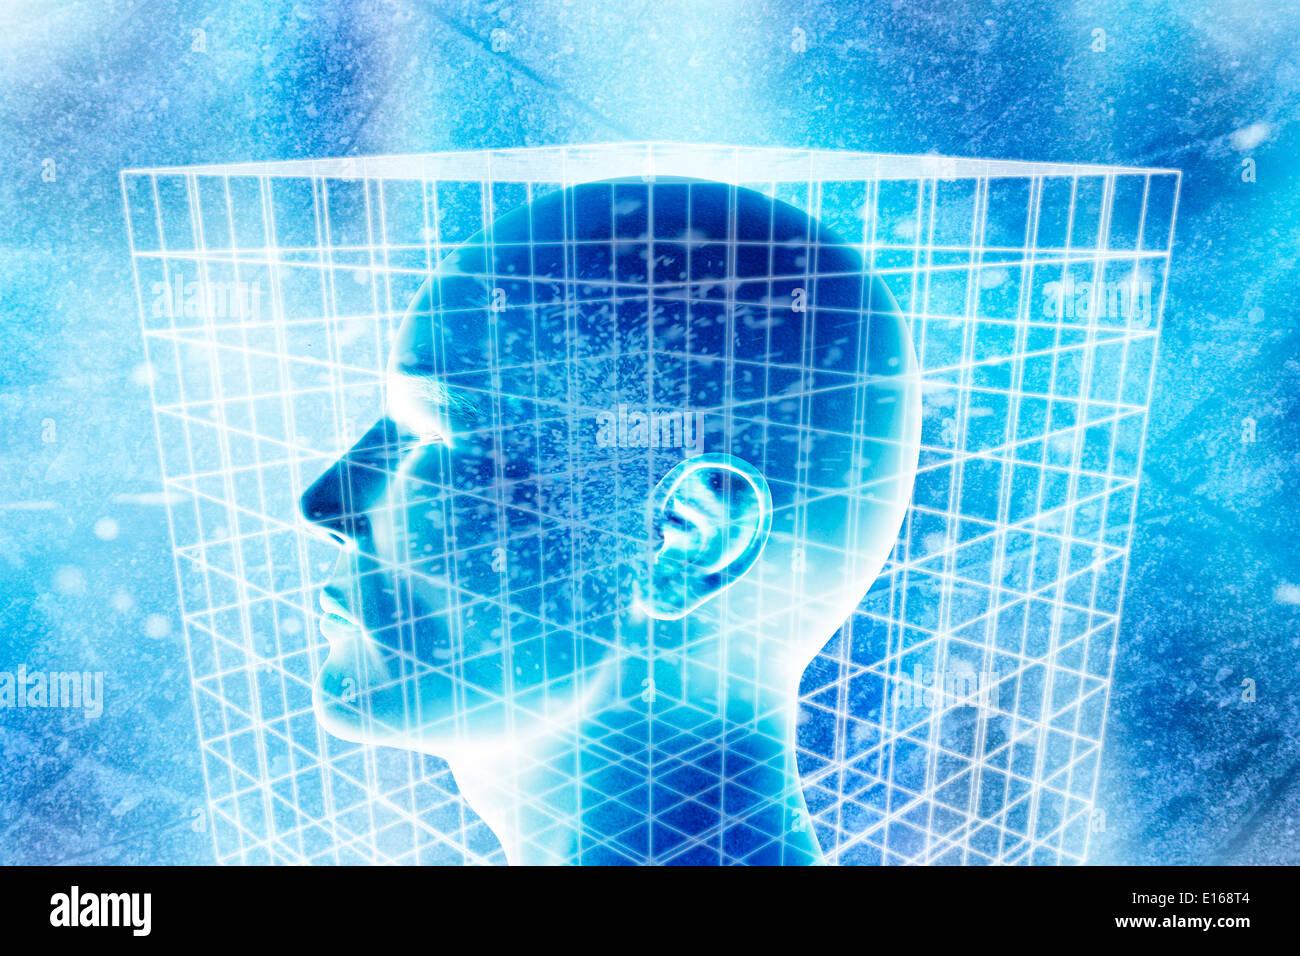 Cabeza humana en un cubo con cable, Ilustración conceptual para la ciencia Imagen De Stock